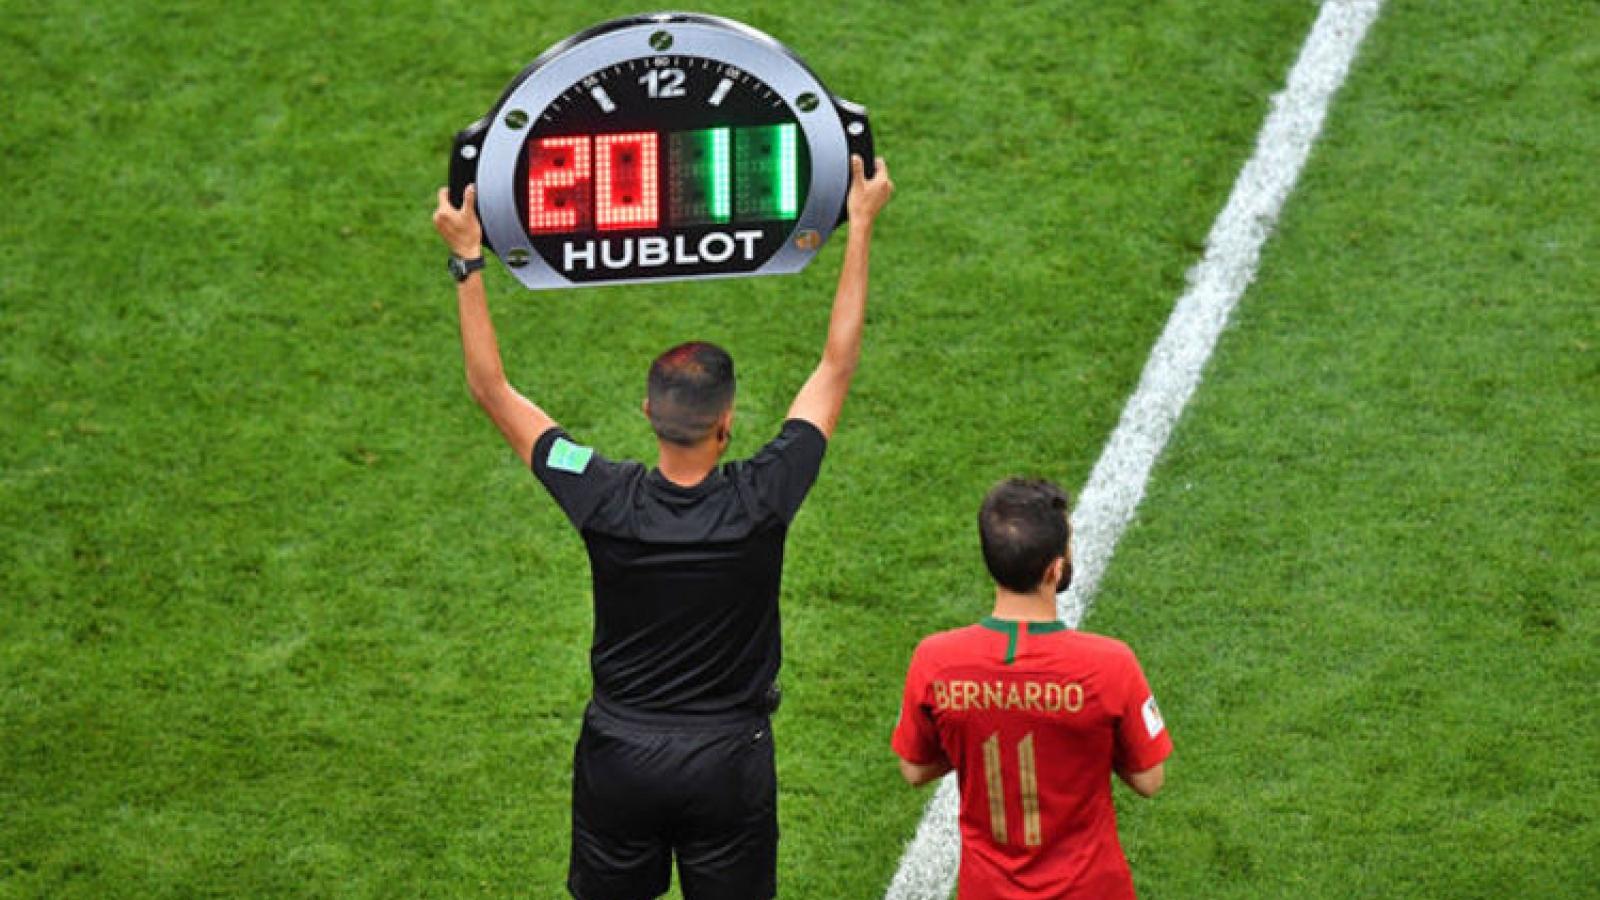 FIFA đề xuất cho các đội bóng thay 5 người trong một trận đấu